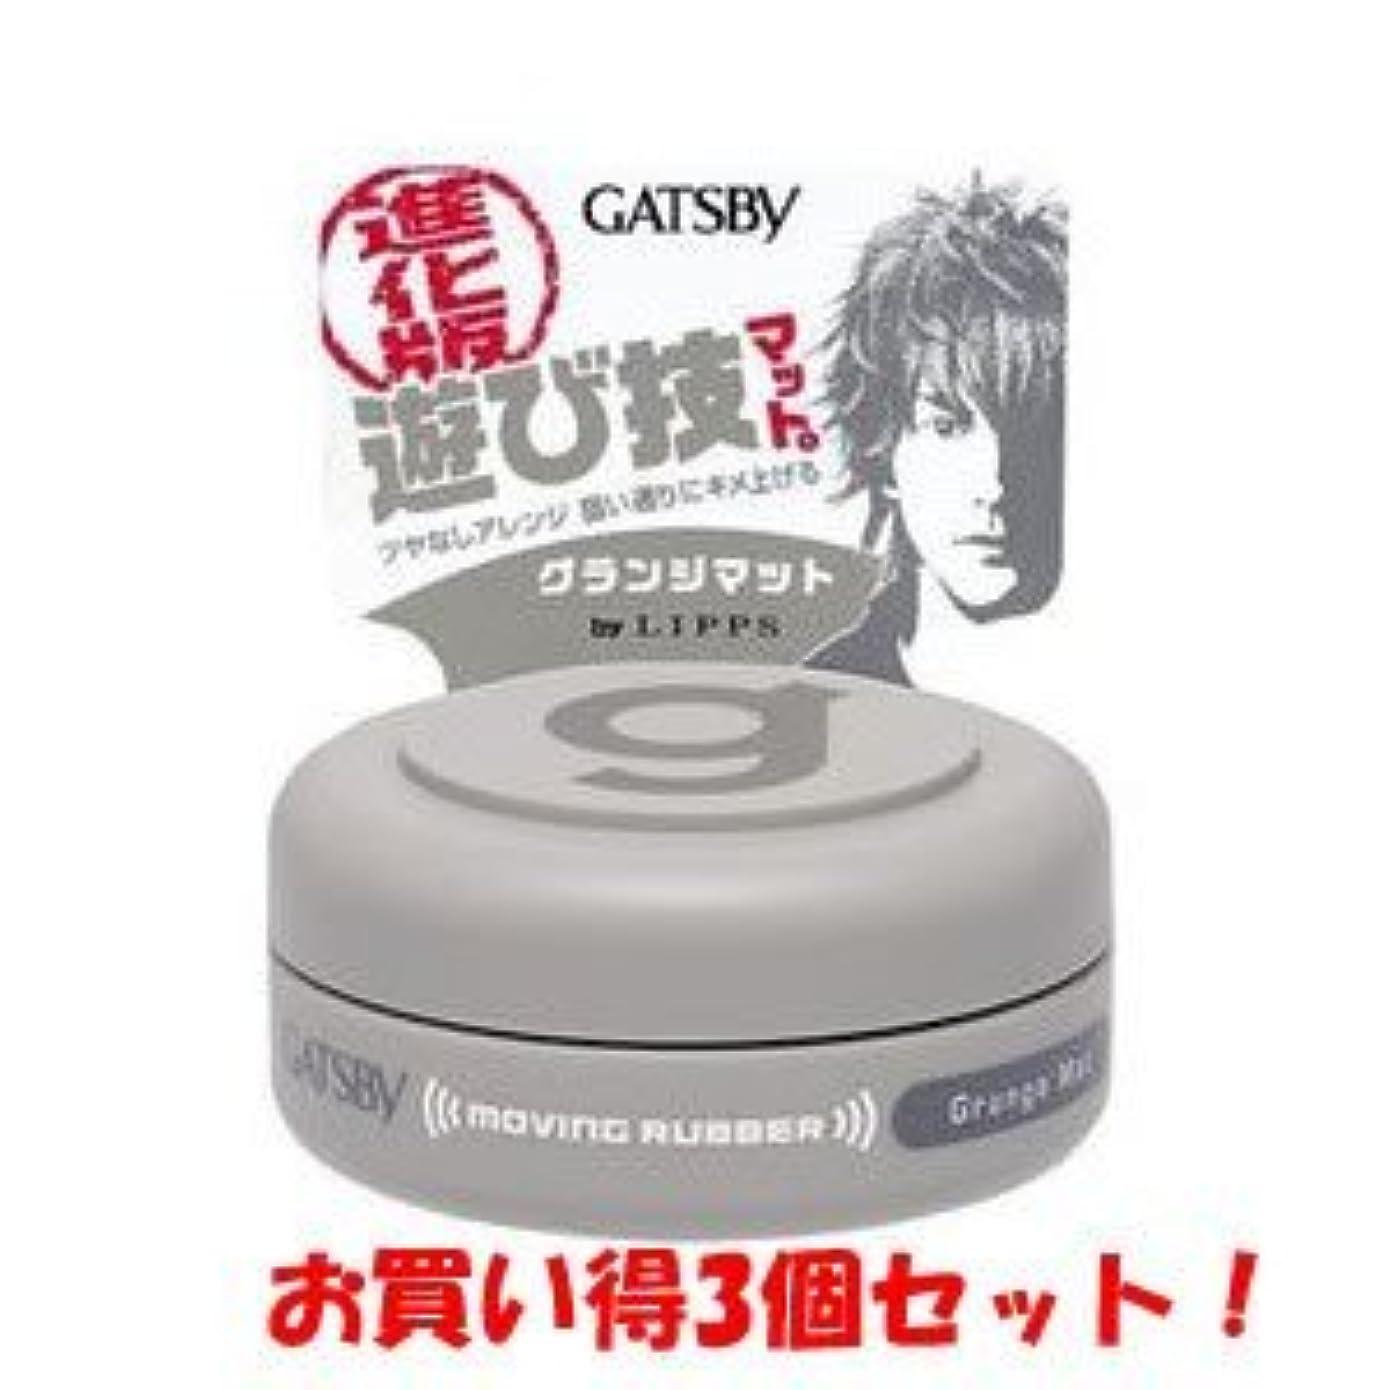 八イソギンチャクバターギャツビー【GATSBY】ムービングラバー グランジマットモバイル 15g(お買い得3個セット)